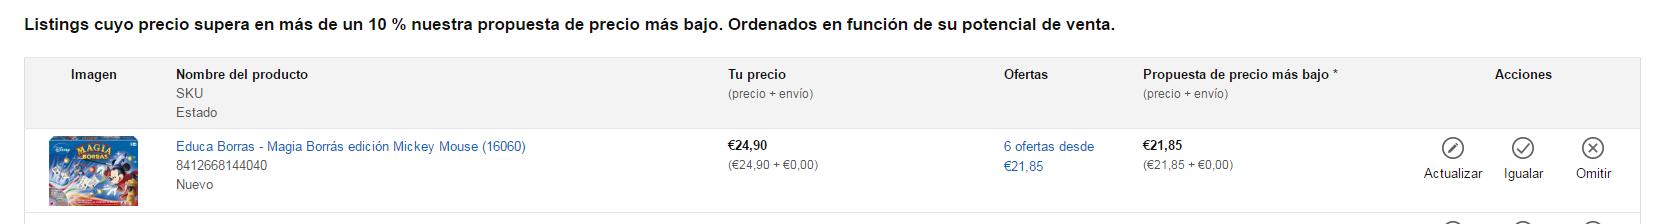 Amazon propuestas de pricing